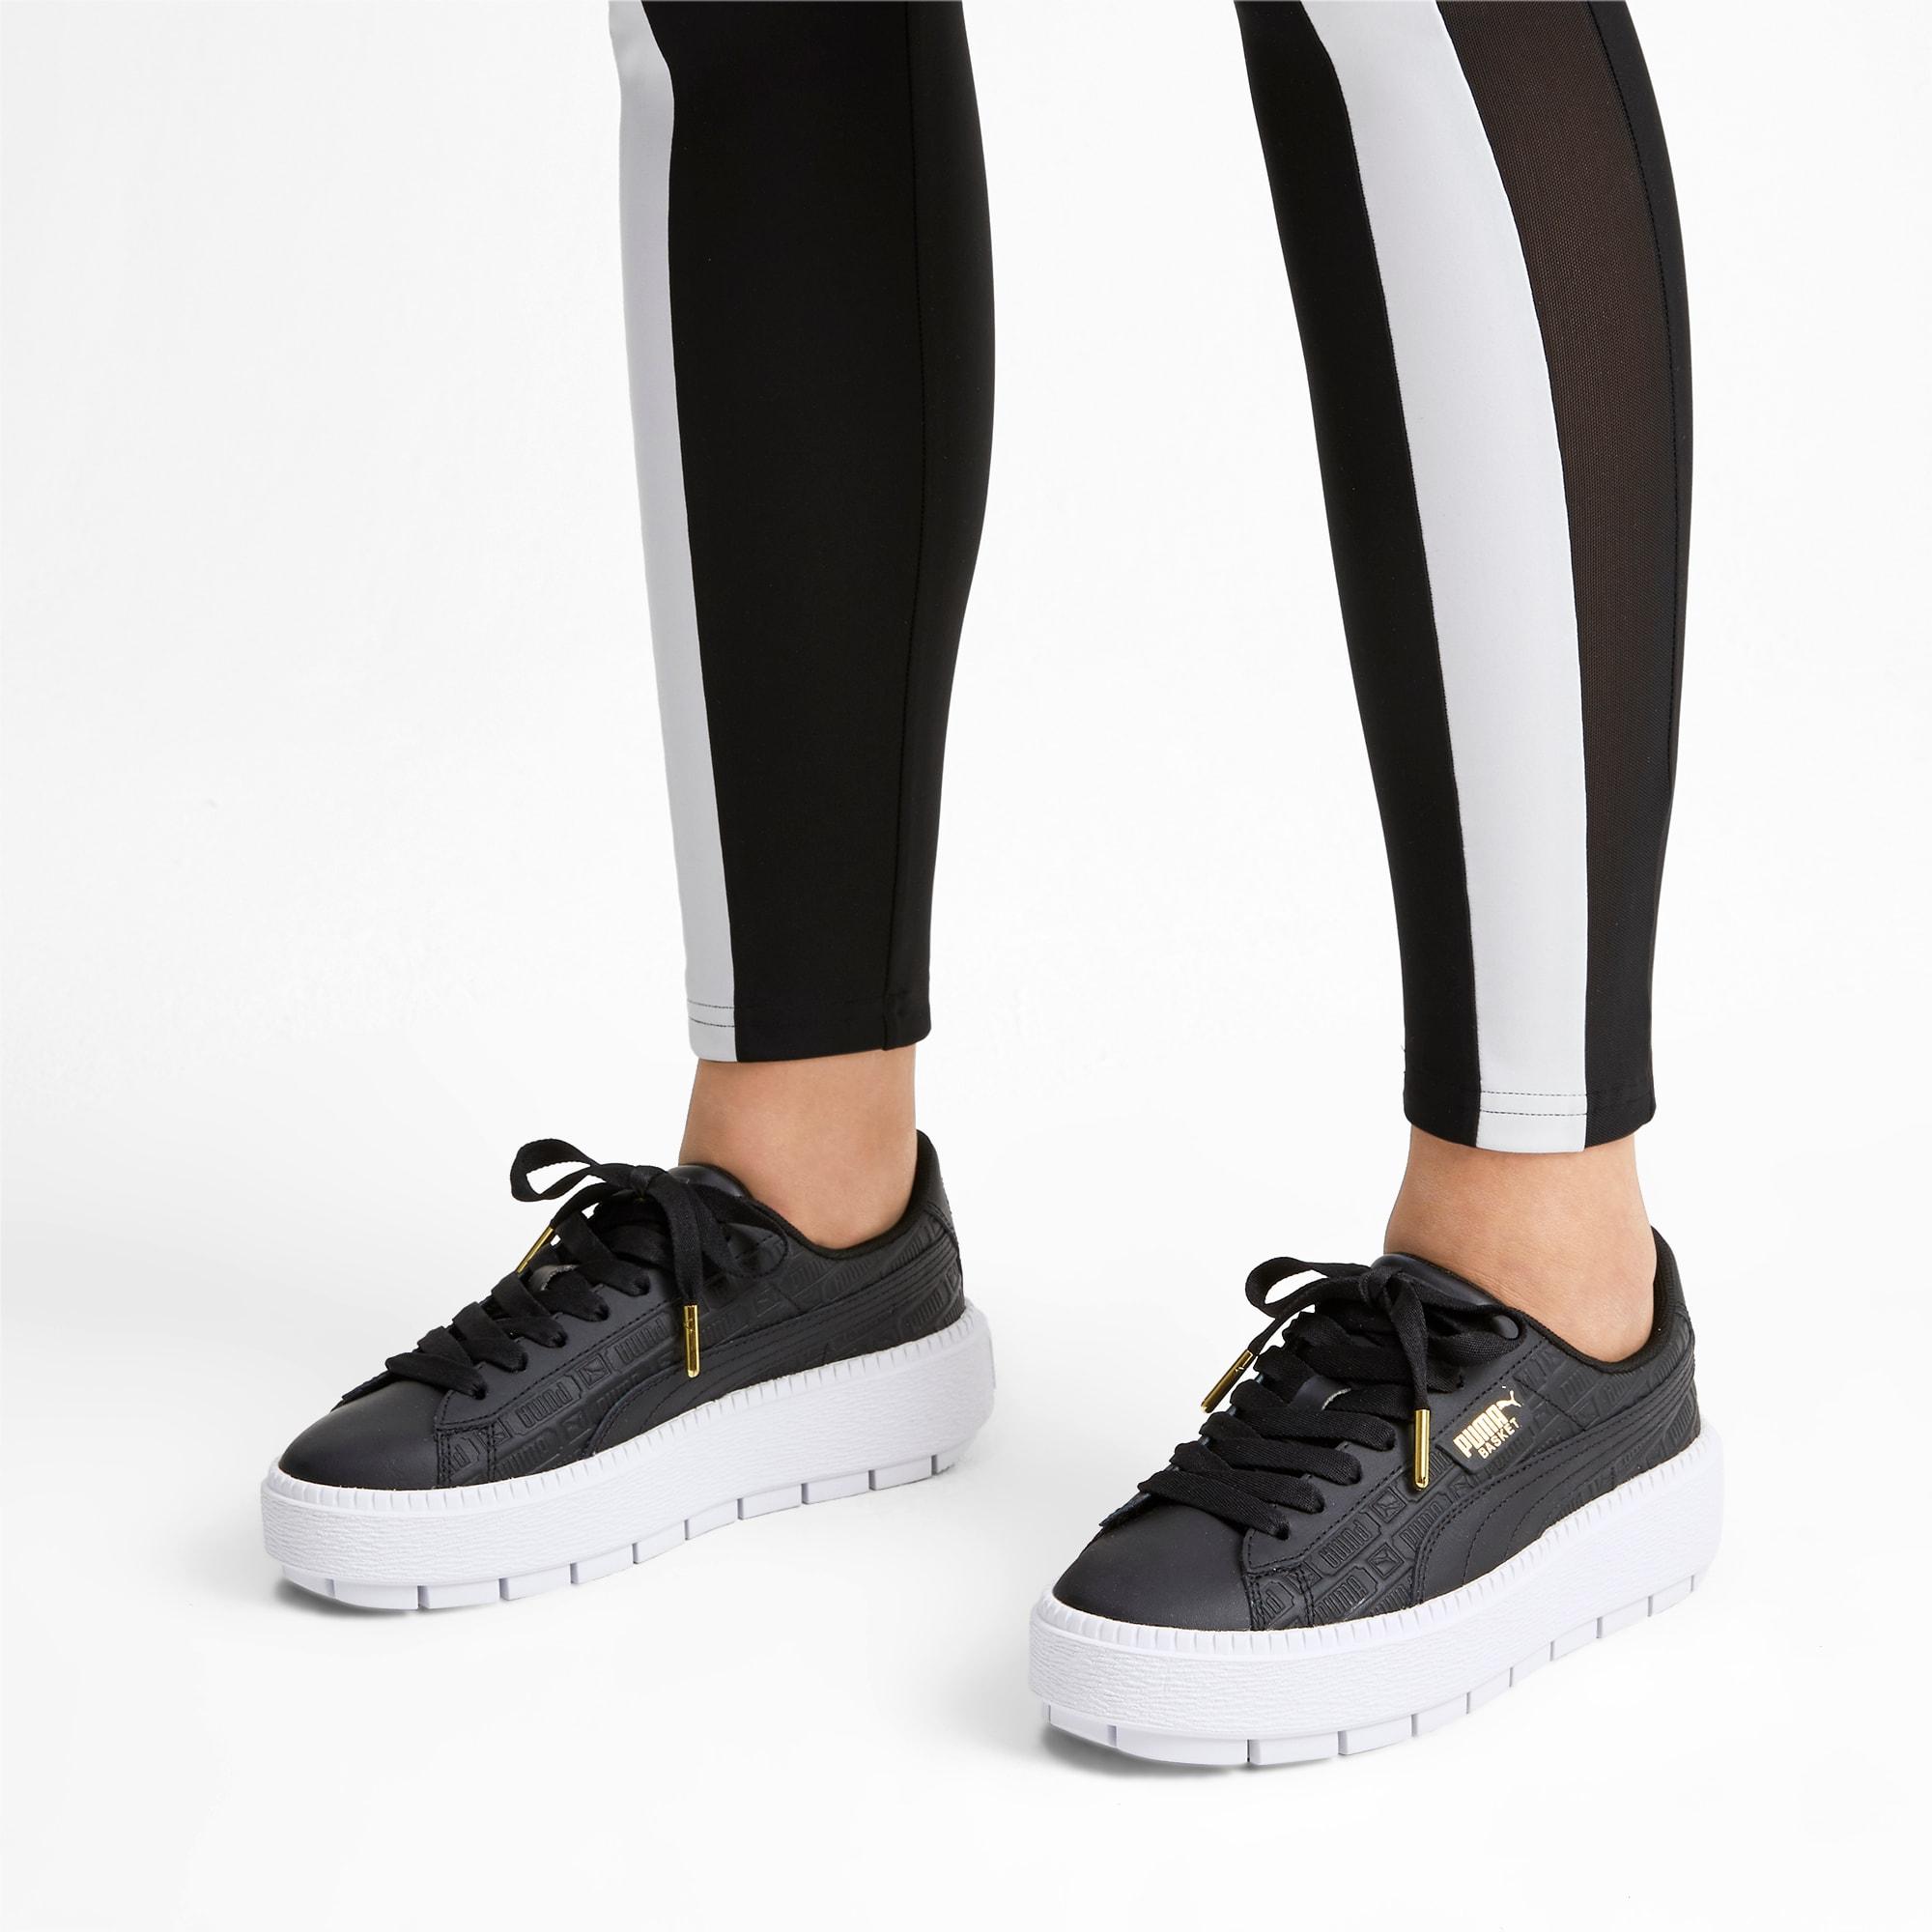 Nowoczesne damskie obuwie sportowe Platform Trace